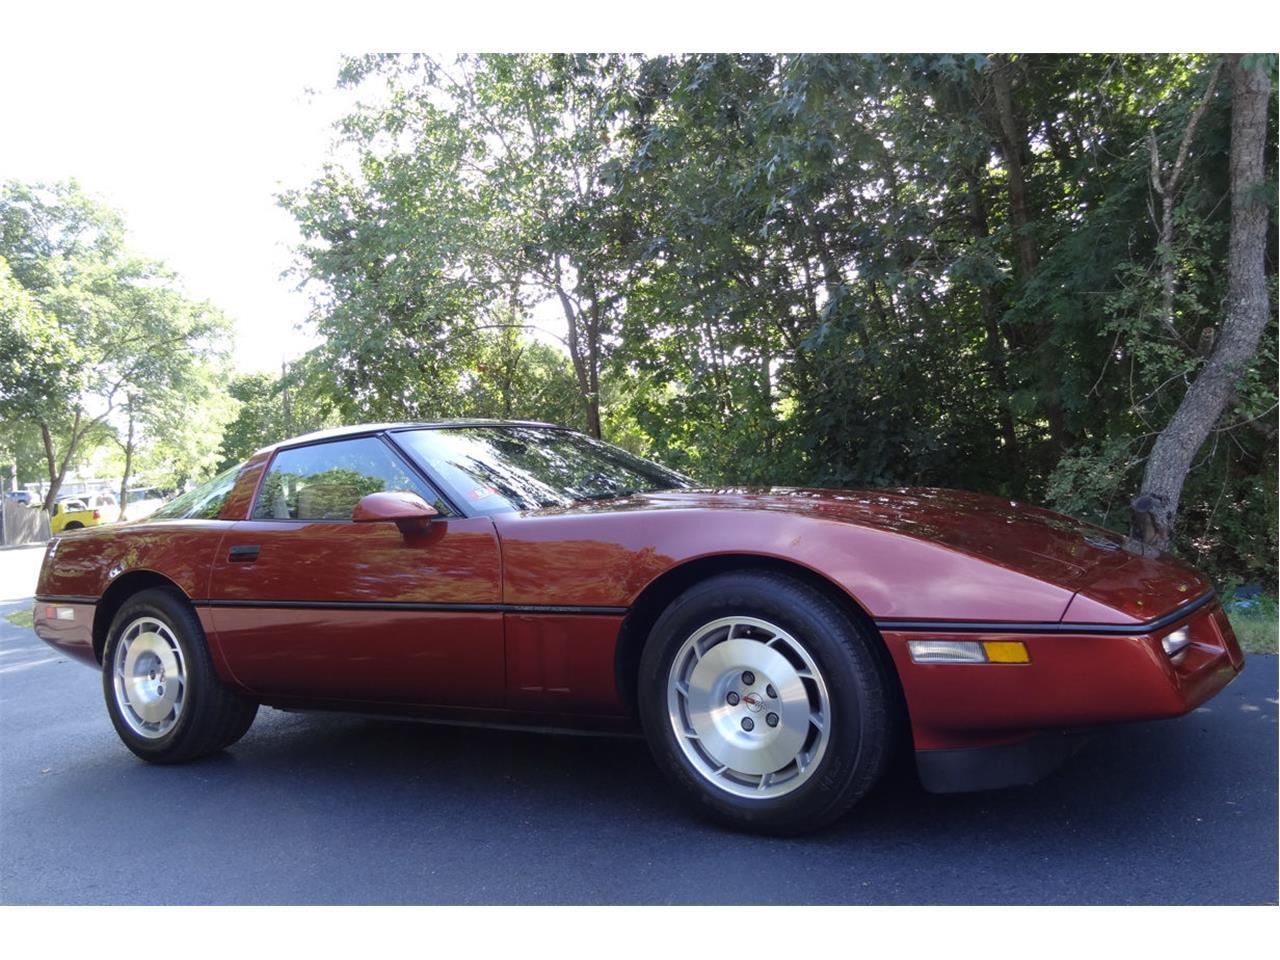 1986 Chevrolet Corvette (CC-1261908) for sale in Quincy, Massachusetts